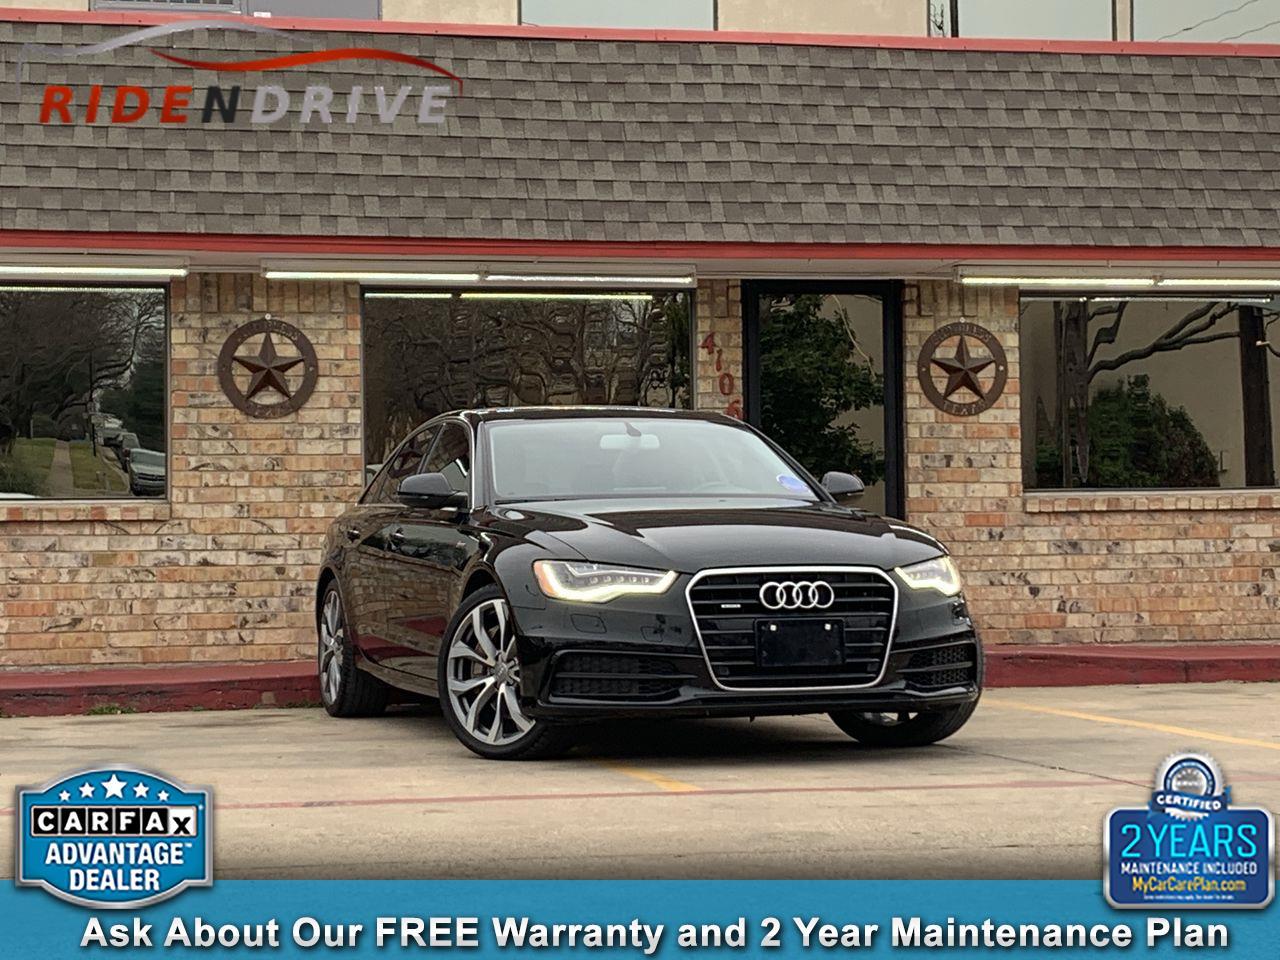 2013 Audi A6 4dr Sdn quattro 3.0T Prestige